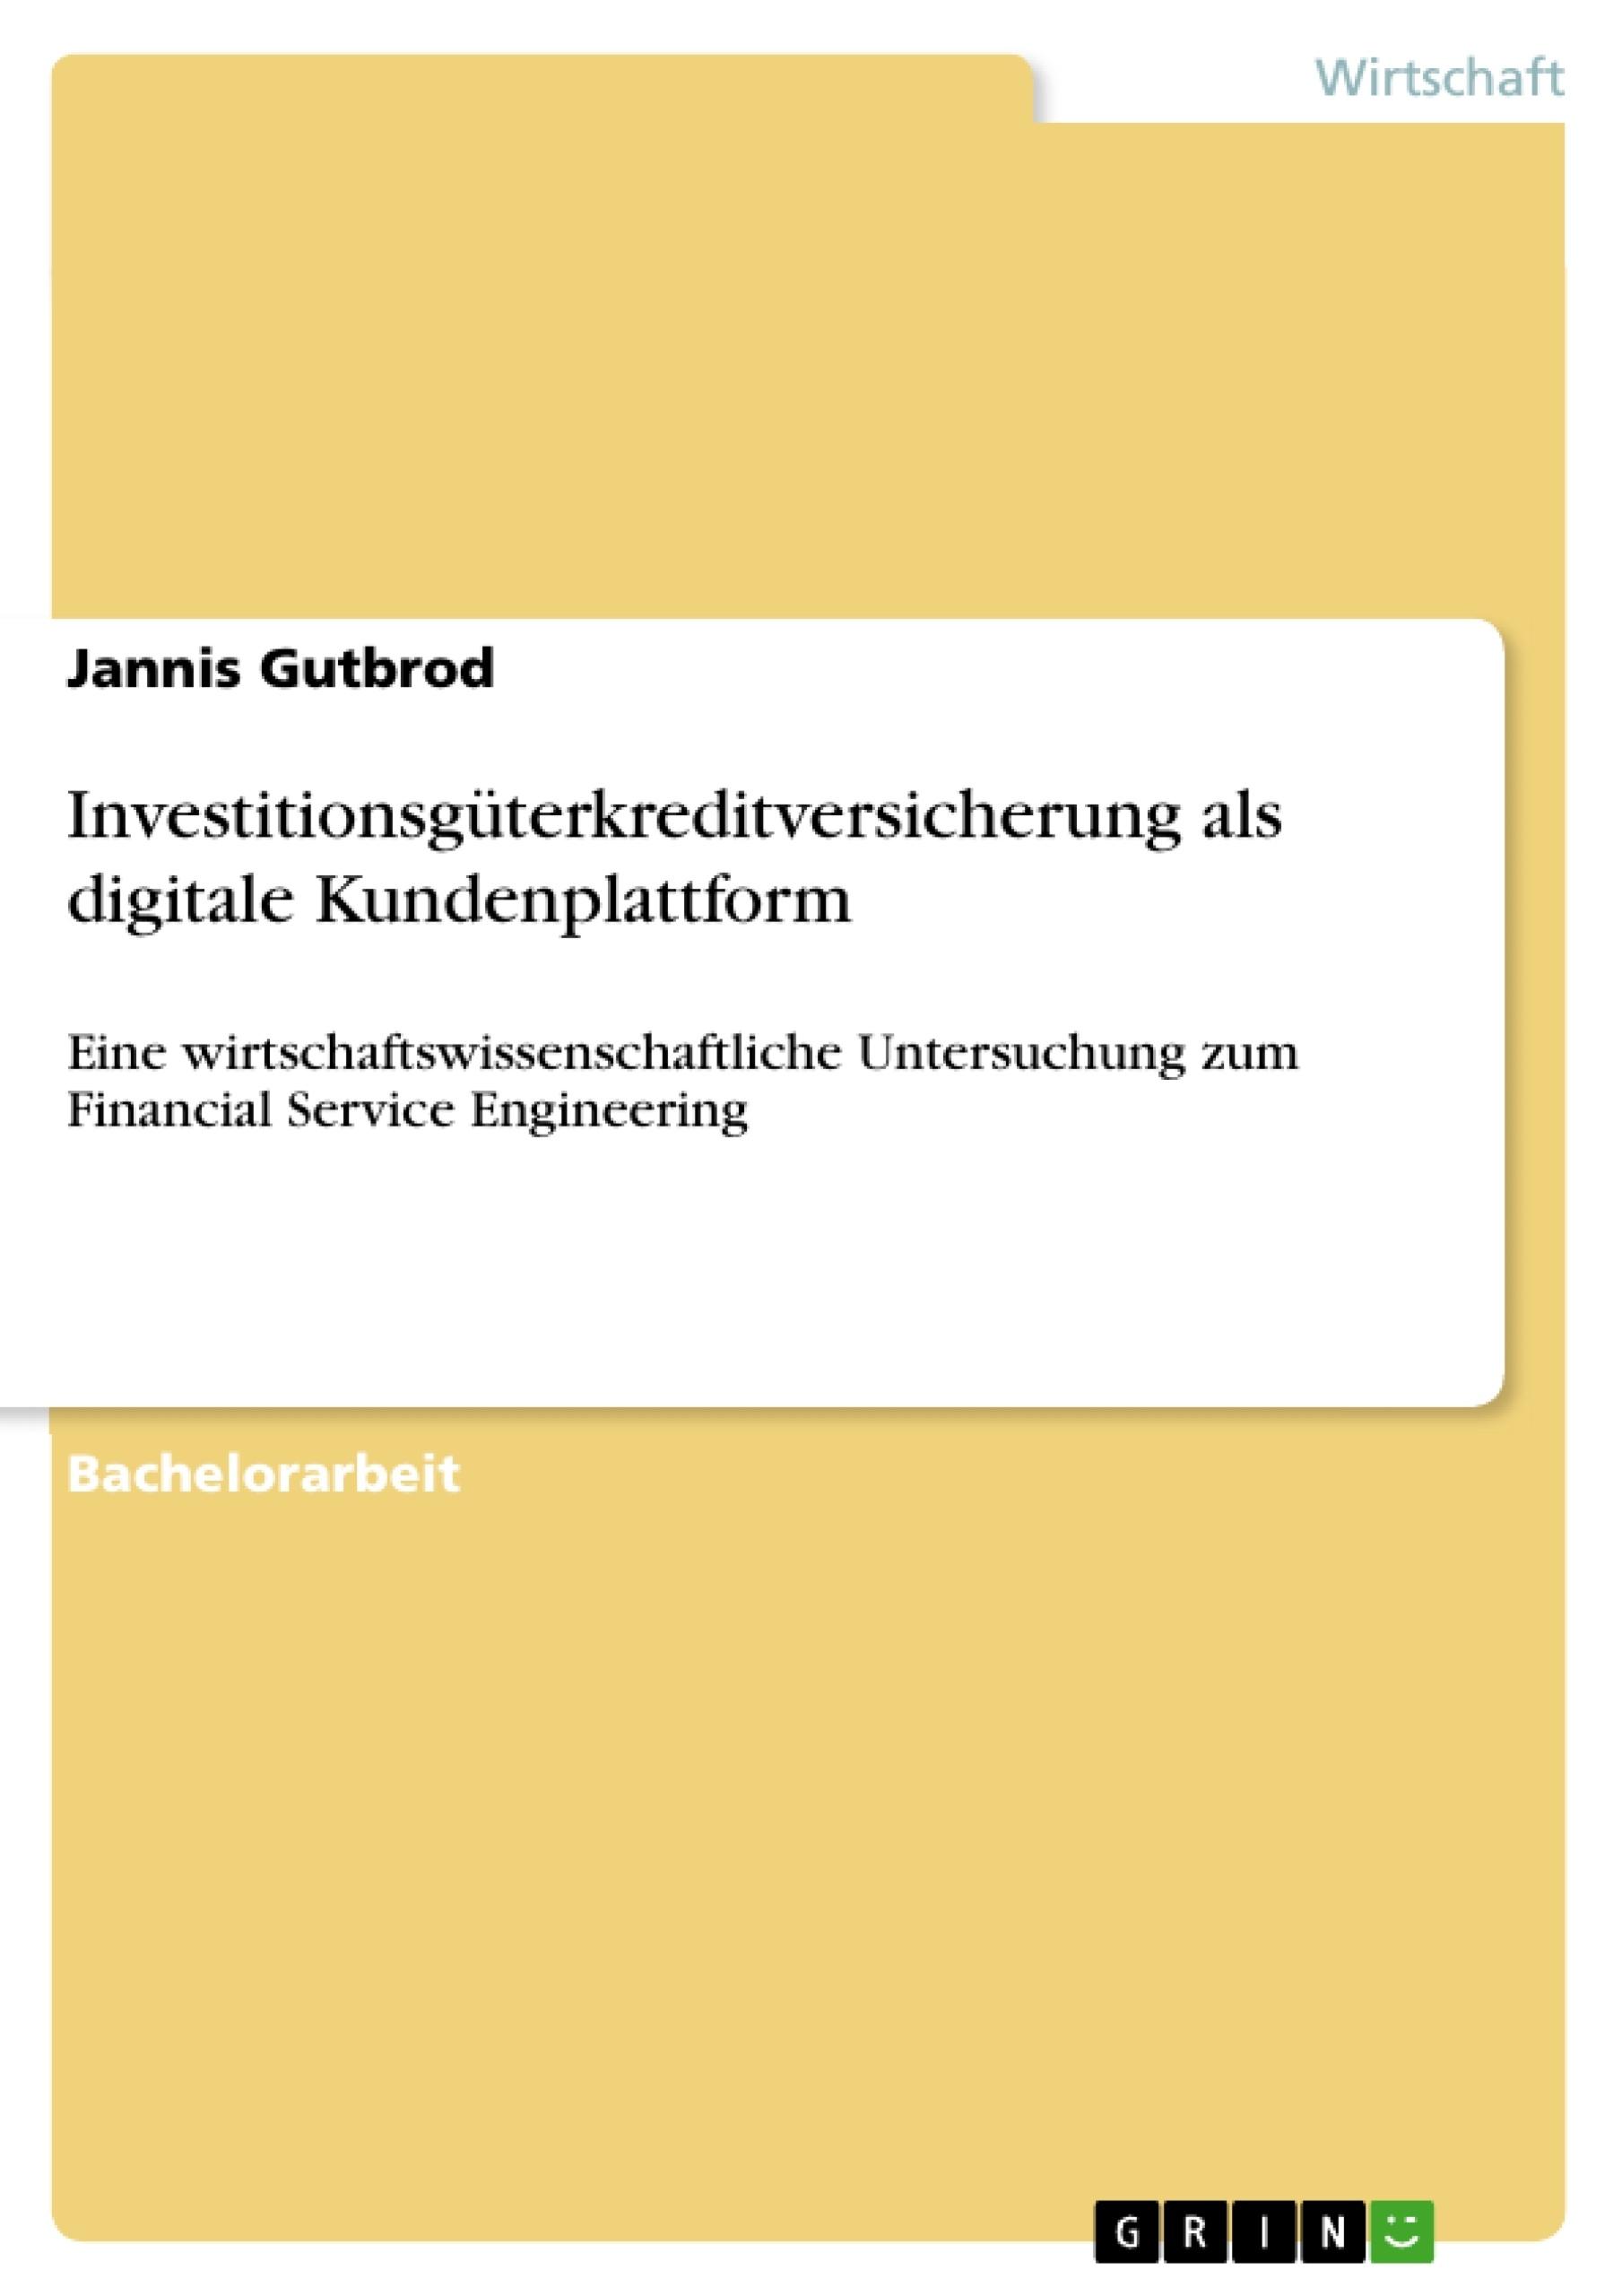 Titel: Investitionsgüterkreditversicherung als digitale Kundenplattform